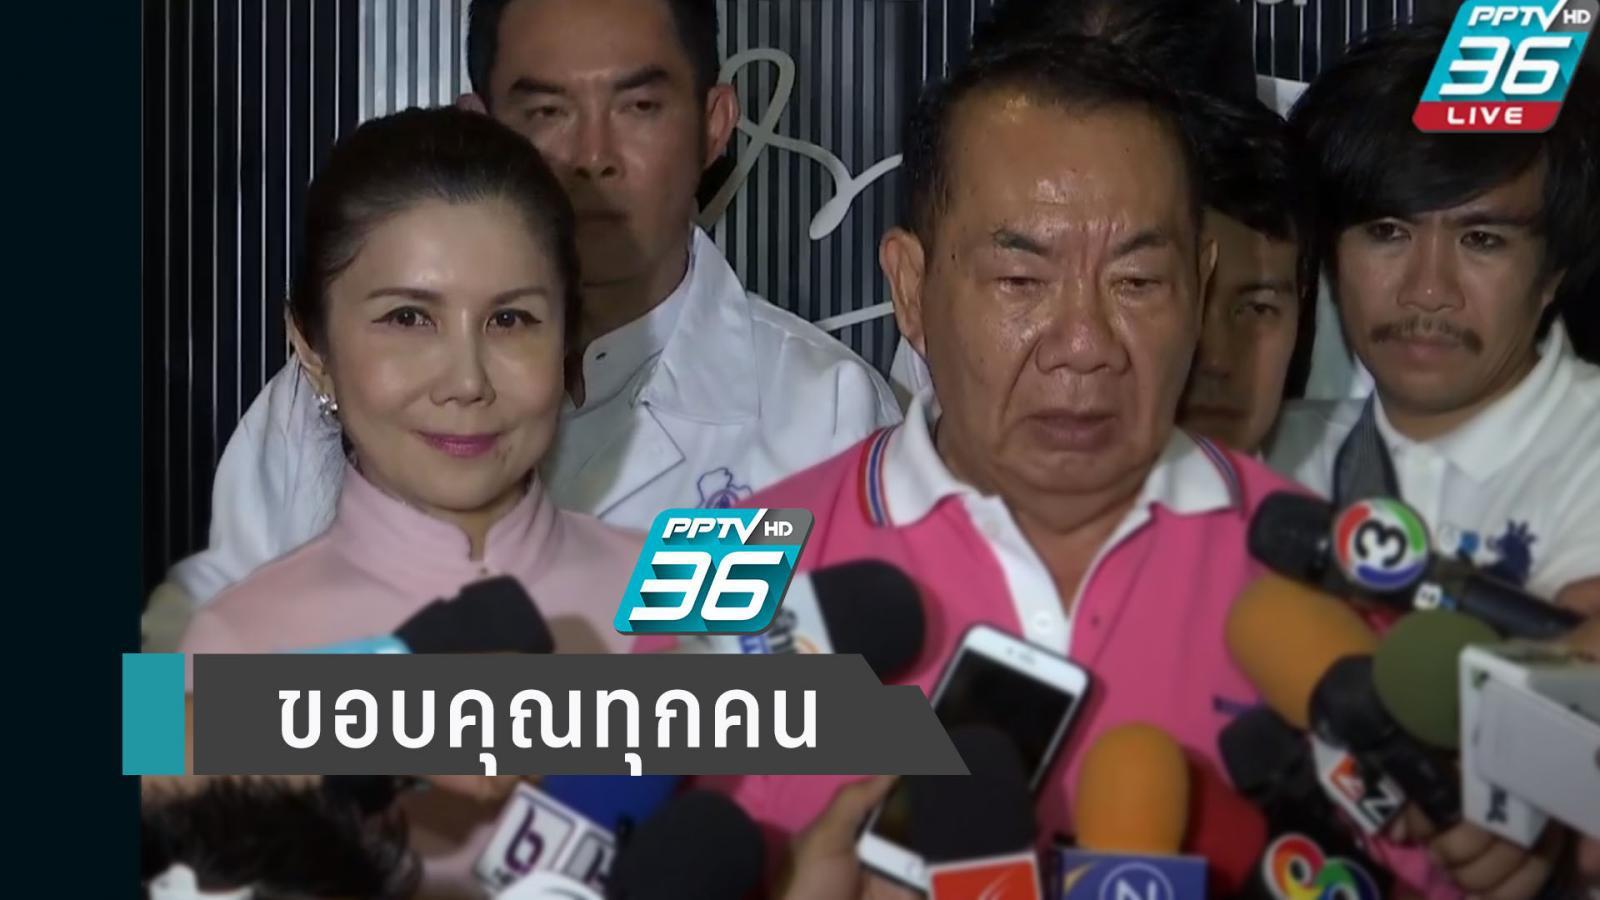 """""""เผดิมชัย"""" จับมือหน.พรรคชาติไทยพัฒนาขอบคุณหลังคะแนนนำ อนค."""